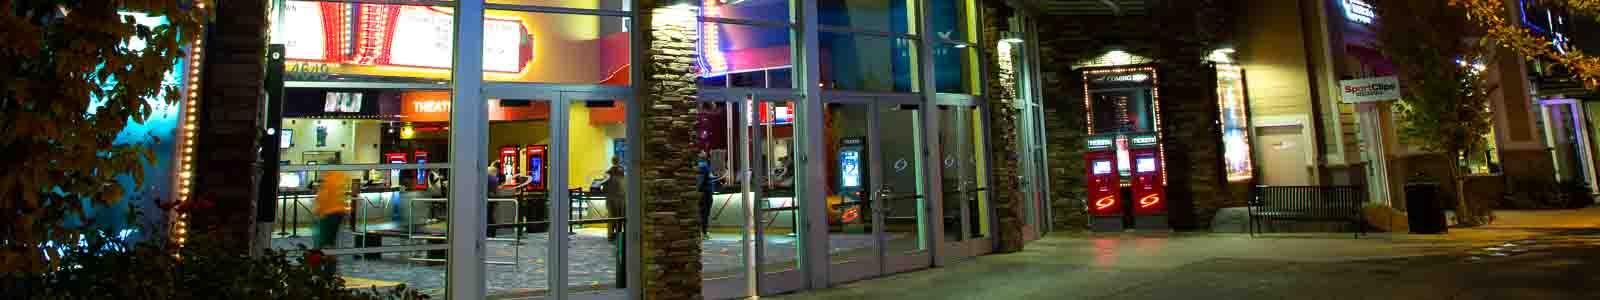 Galaxy-Theater-Uptown-Steve-Essig-2018.jpg